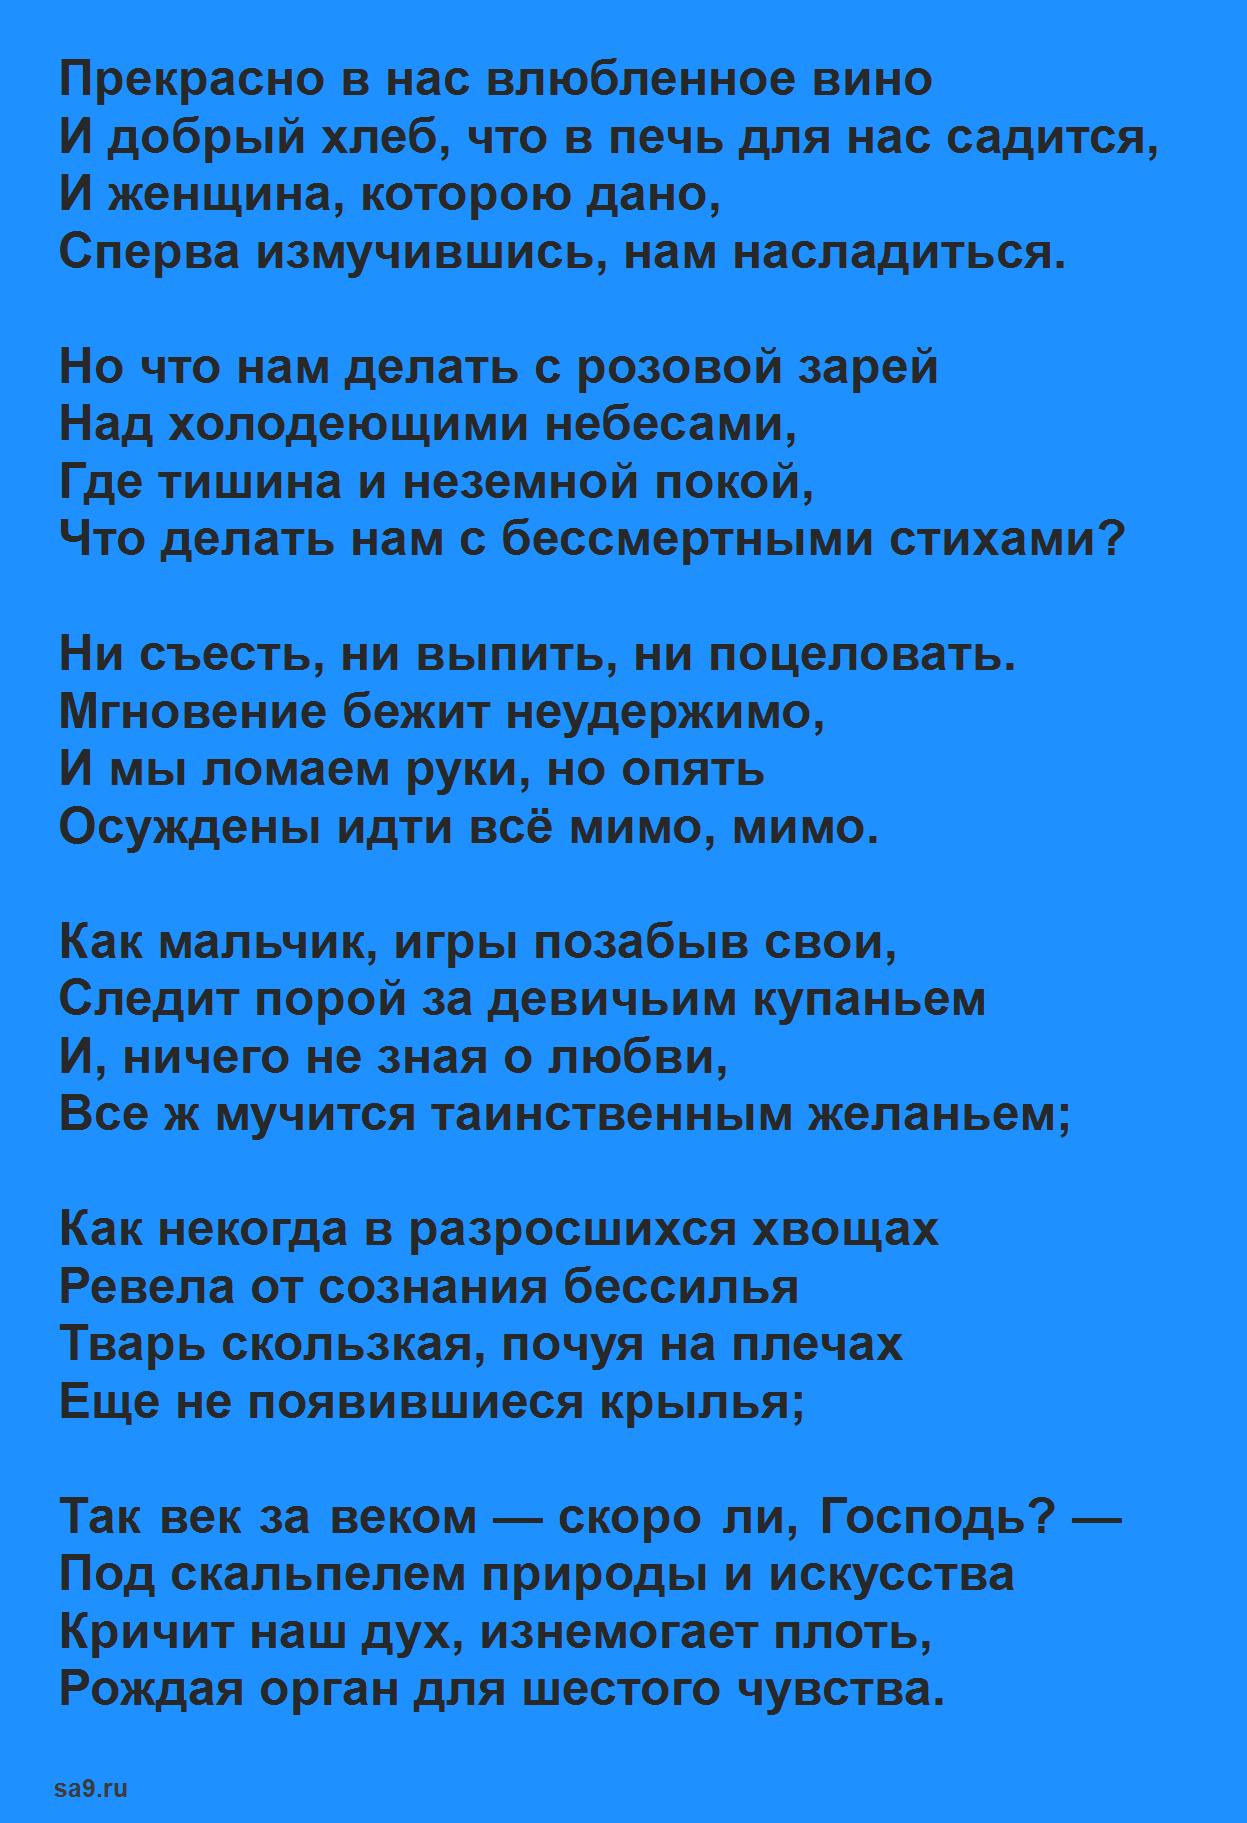 Гумилев стихи о любви - Шестое чувство